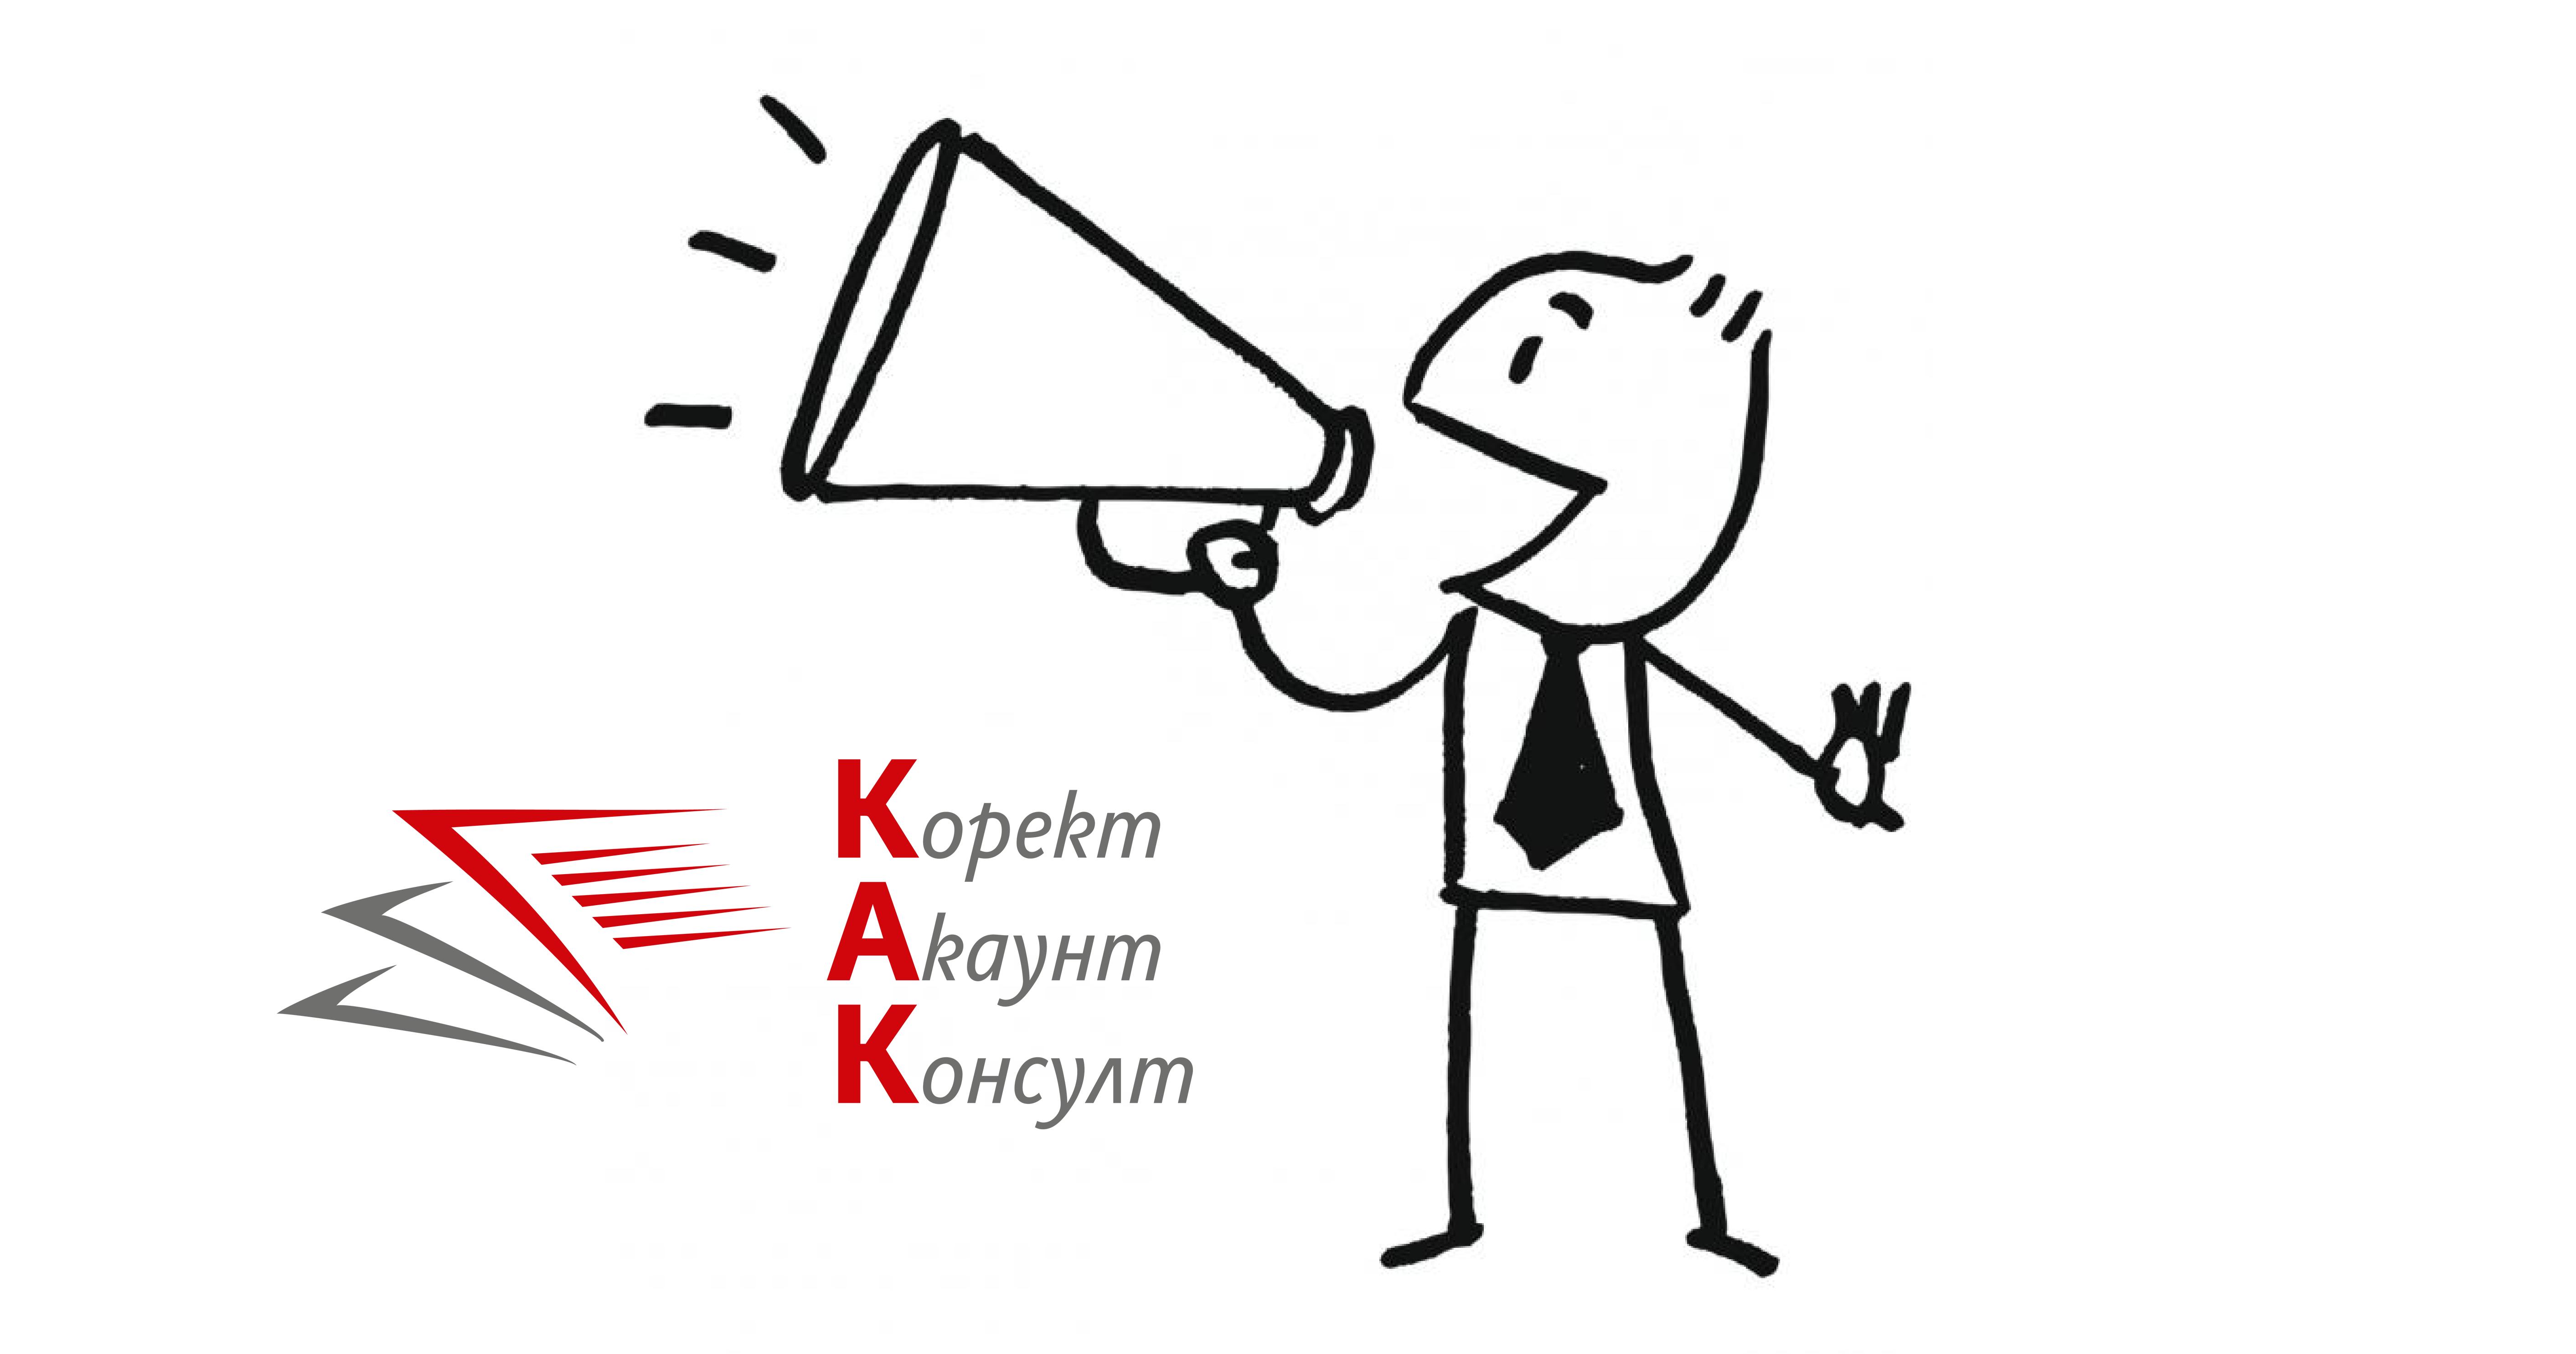 Всички заявления и уведомления за е-услугите на НАП вече се подават във всички офиси на Агенцията